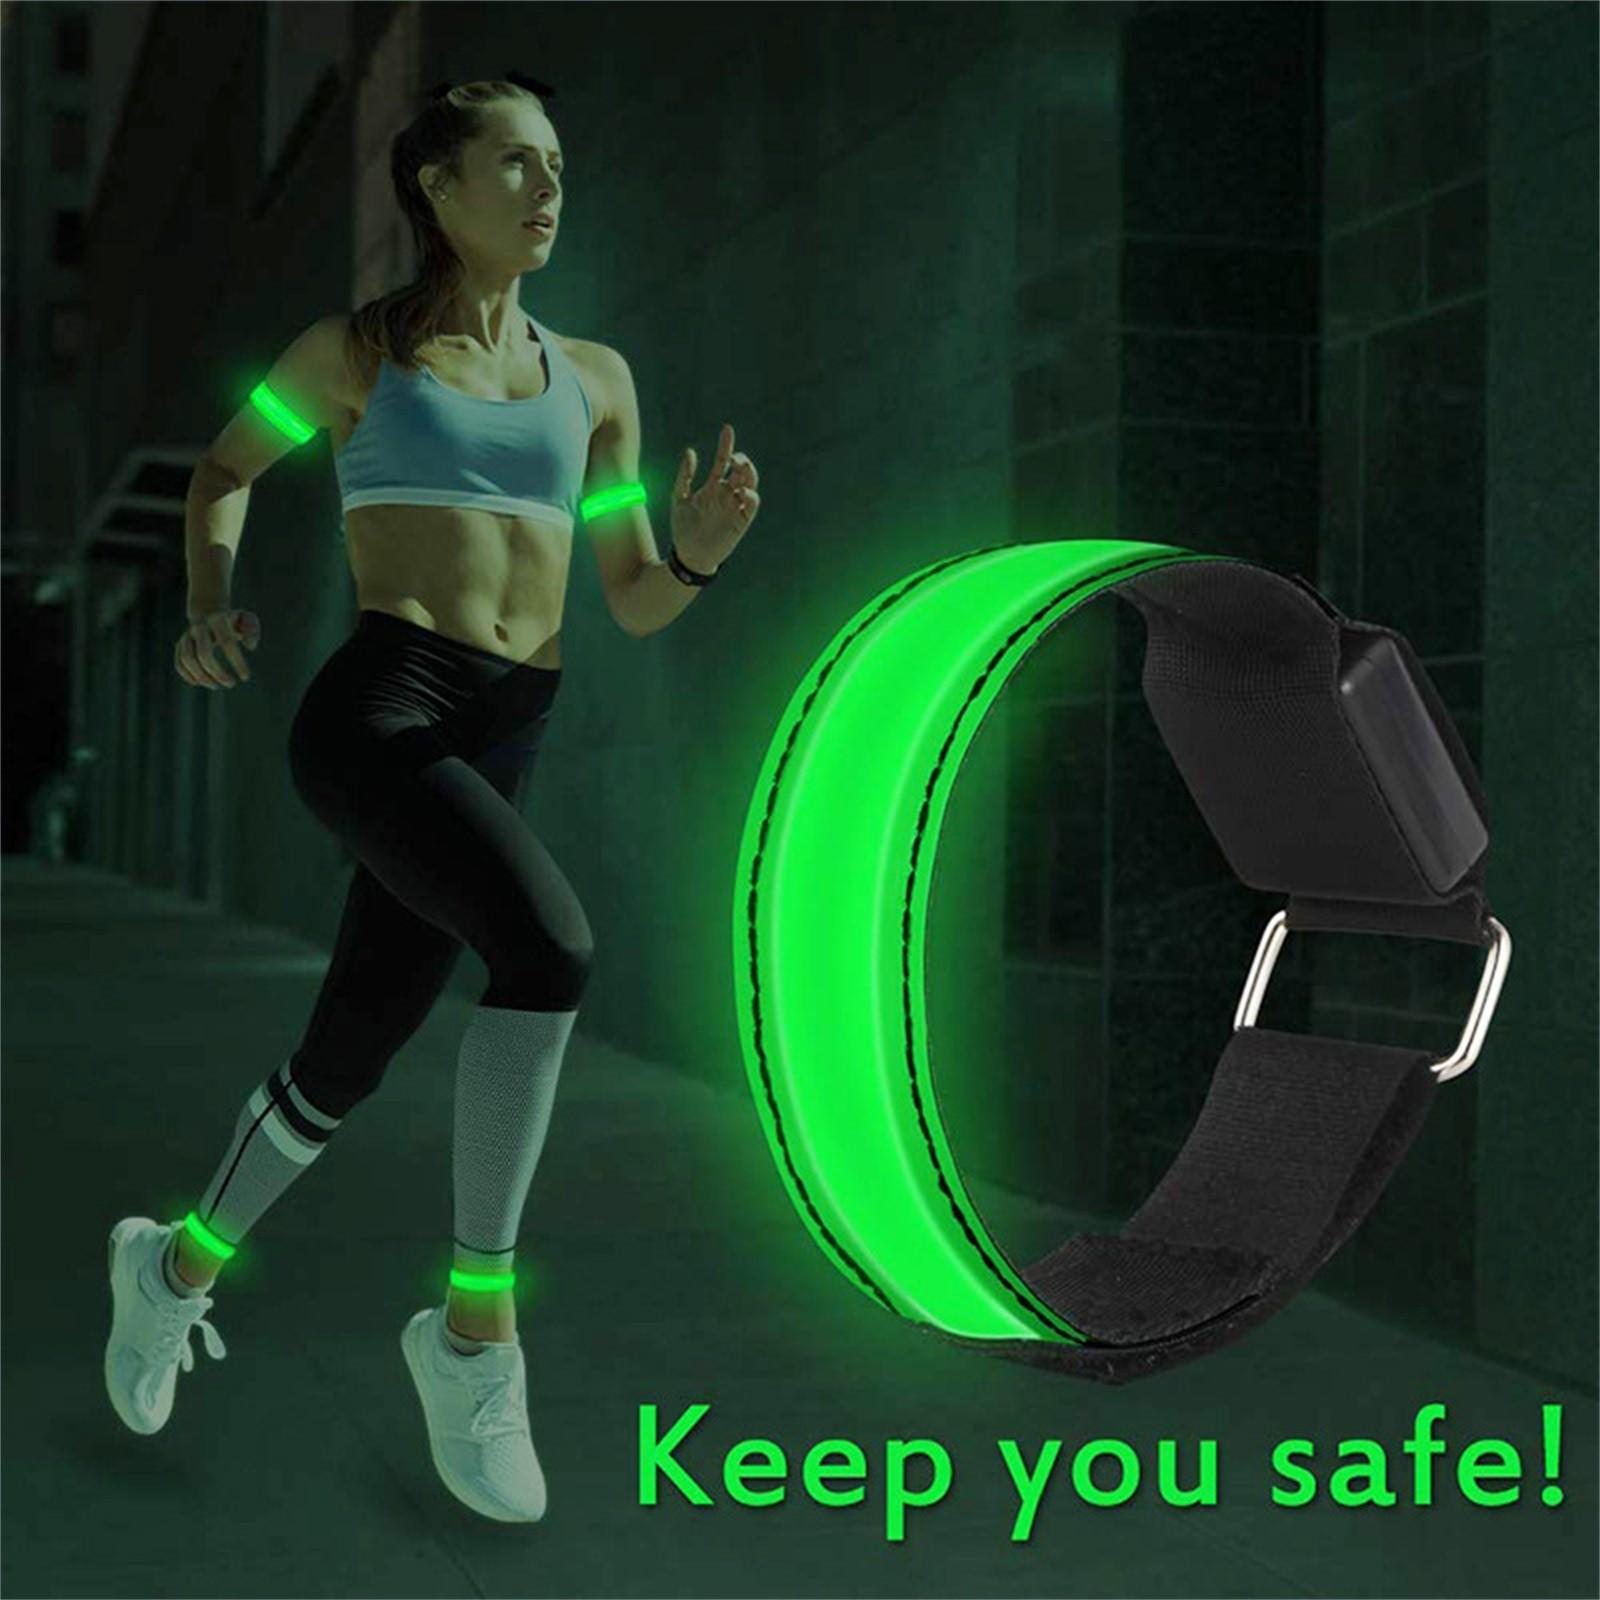 Наручный вспомогательный светодиодный отражающий светильник с повязкой на руку ремень безопасности ремни для ночного бега велосипедный браслет на запястье